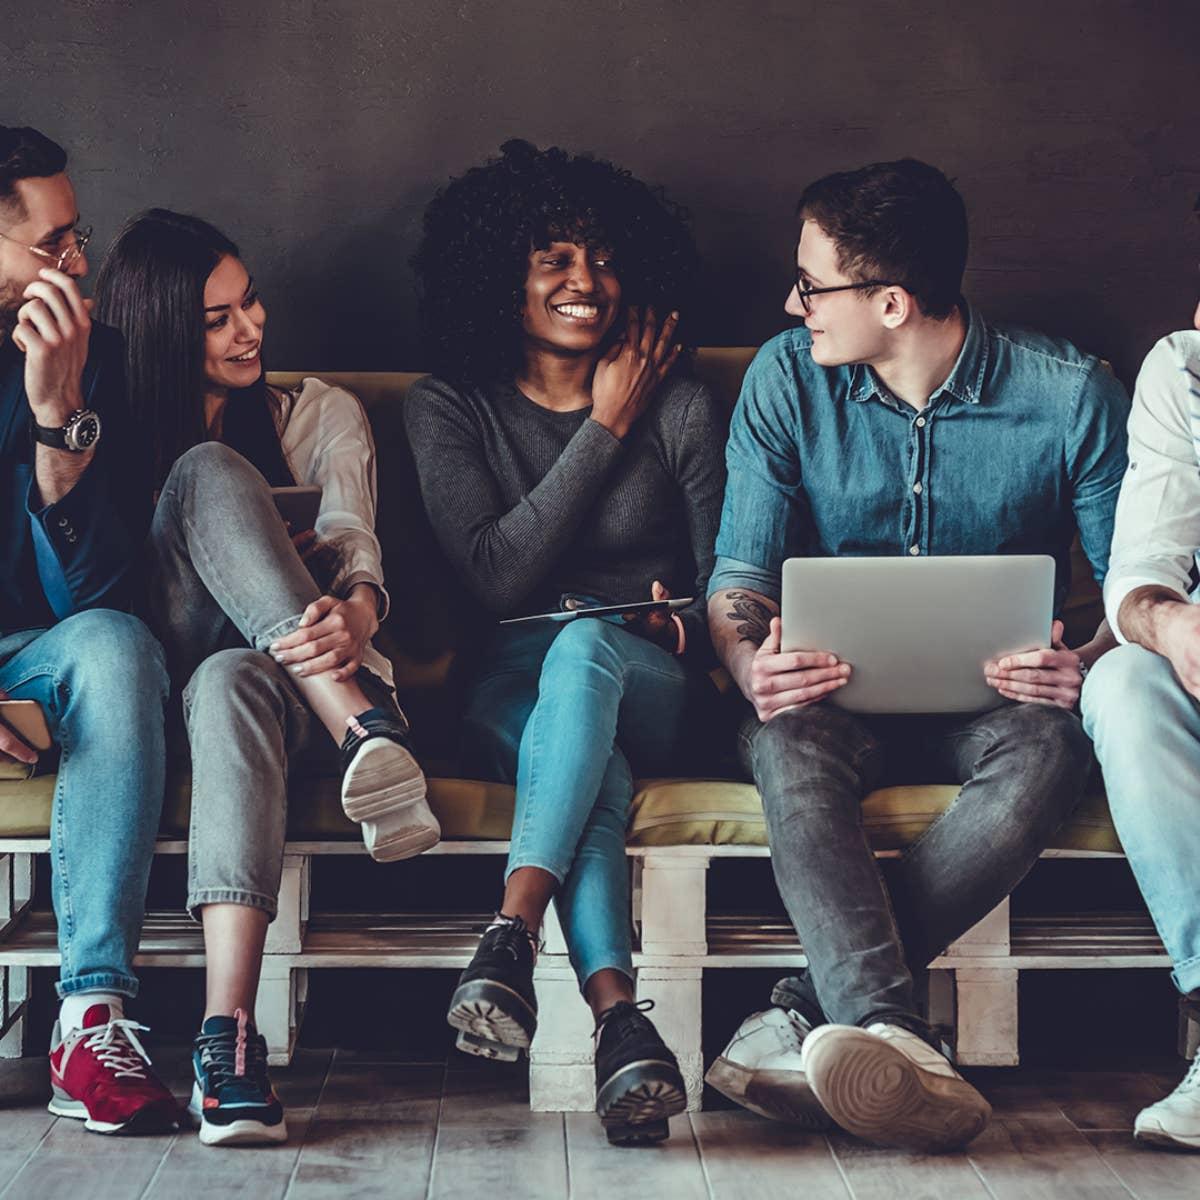 Årets Mediebyrå 2019 & 2020, søker engasjert og strukturert prosjektleder med sterk digital kompetanse